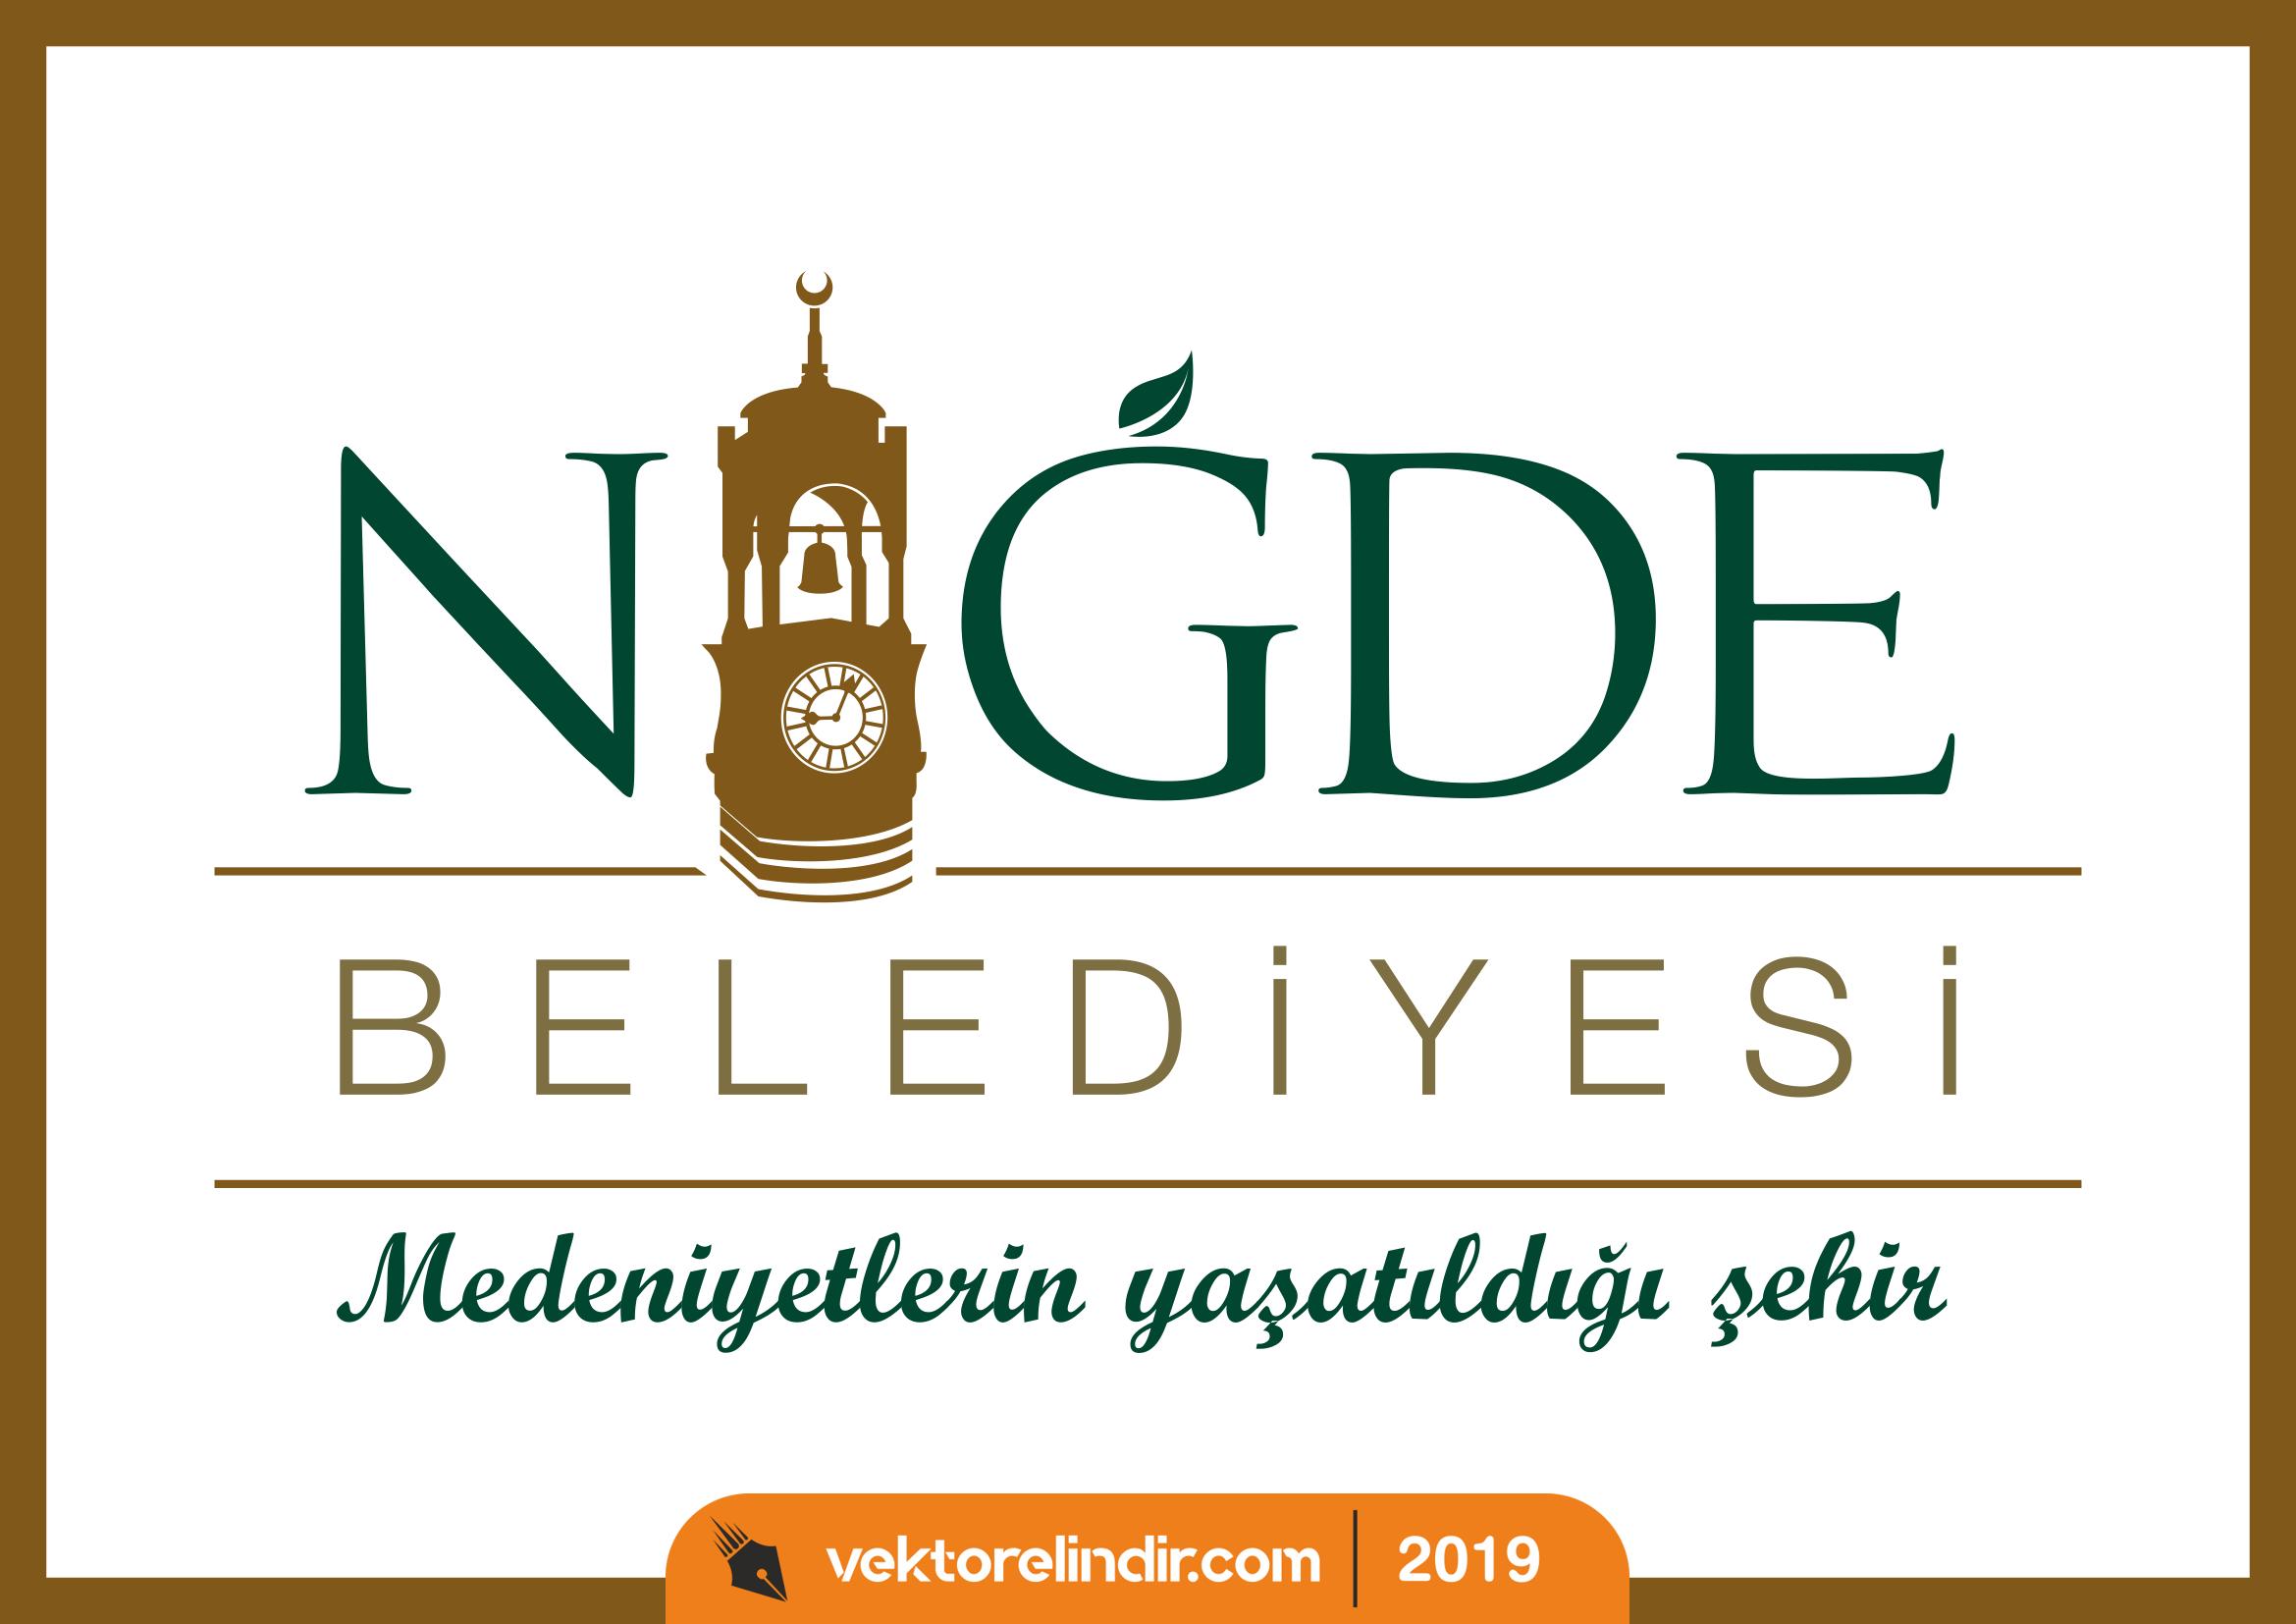 Niğde Belediyesi Logo, Amblem